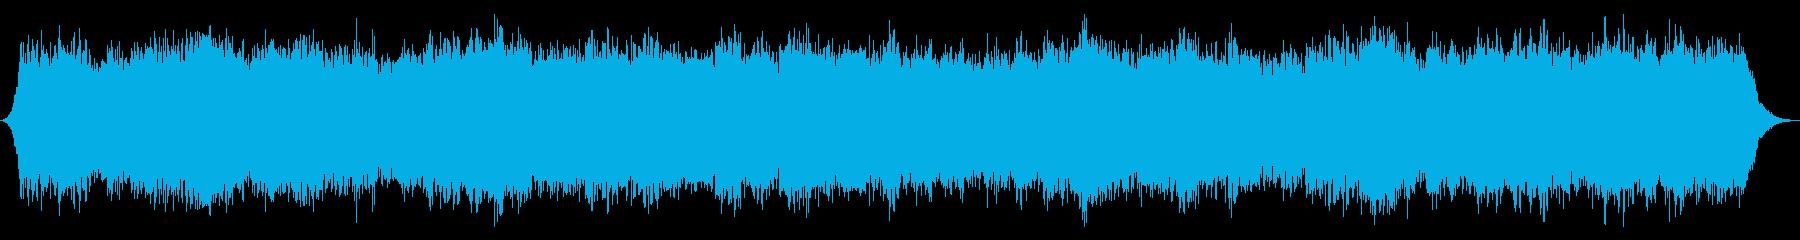 果てのない宇宙の再生済みの波形